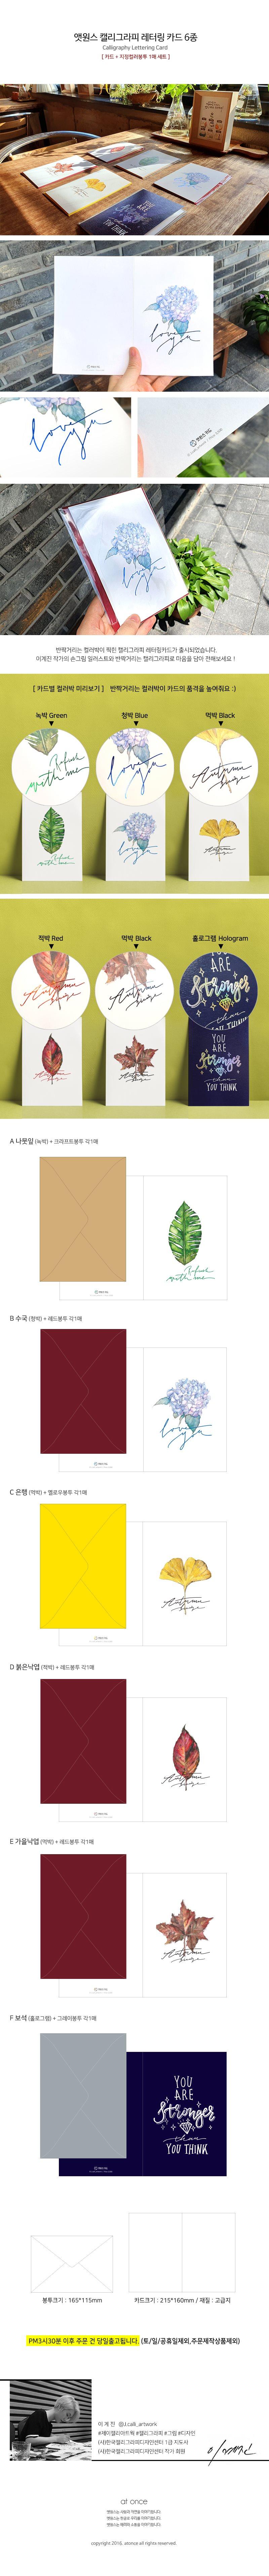 캘리그라피 레터링 카드 크리스마스카드 붉은낙엽카드D - 앳원스, 3,500원, 카드, 크리스마스 카드